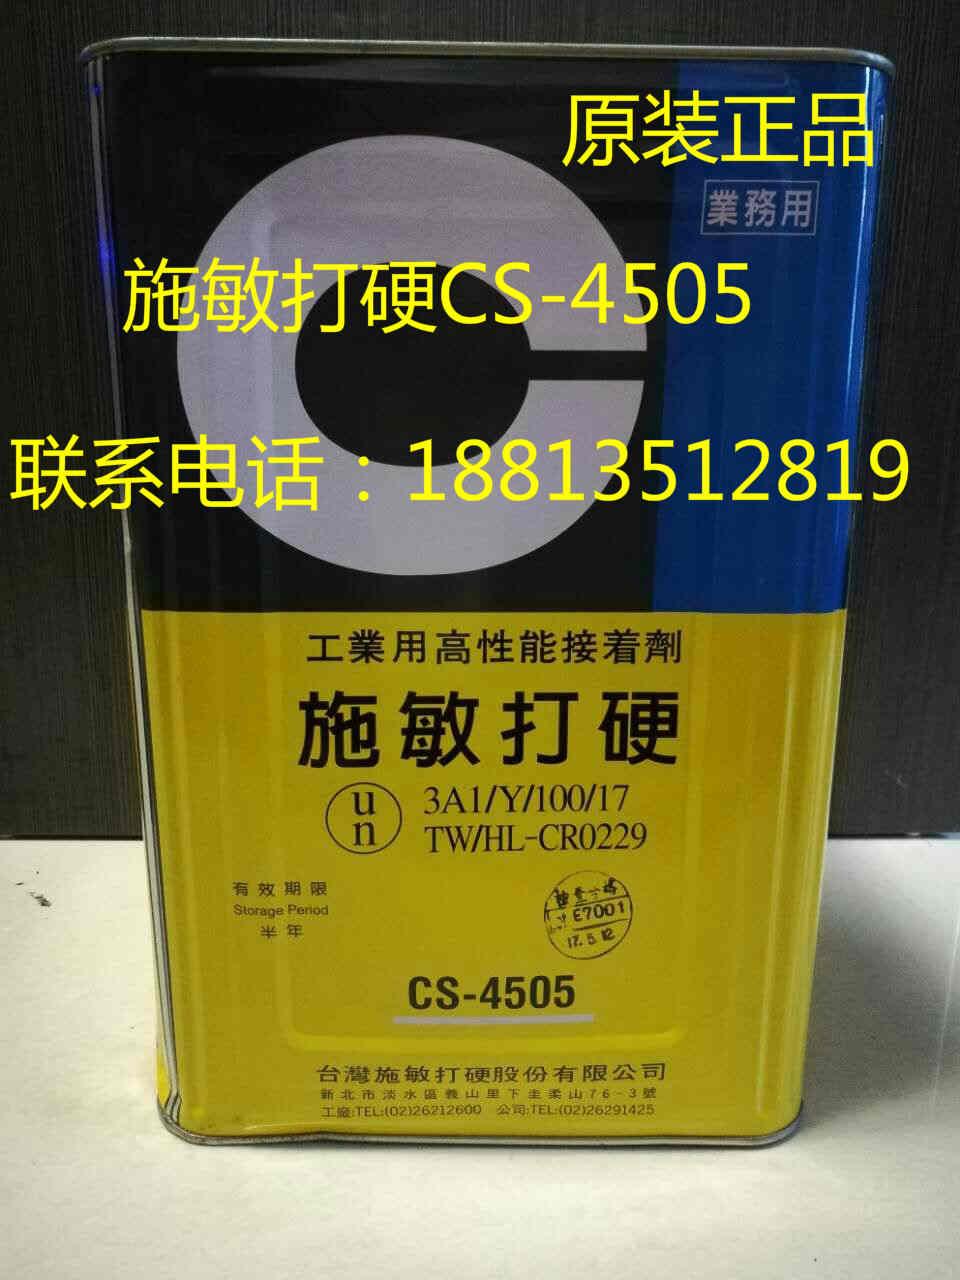 施敏打硬CS-4505原装正品惠州供应